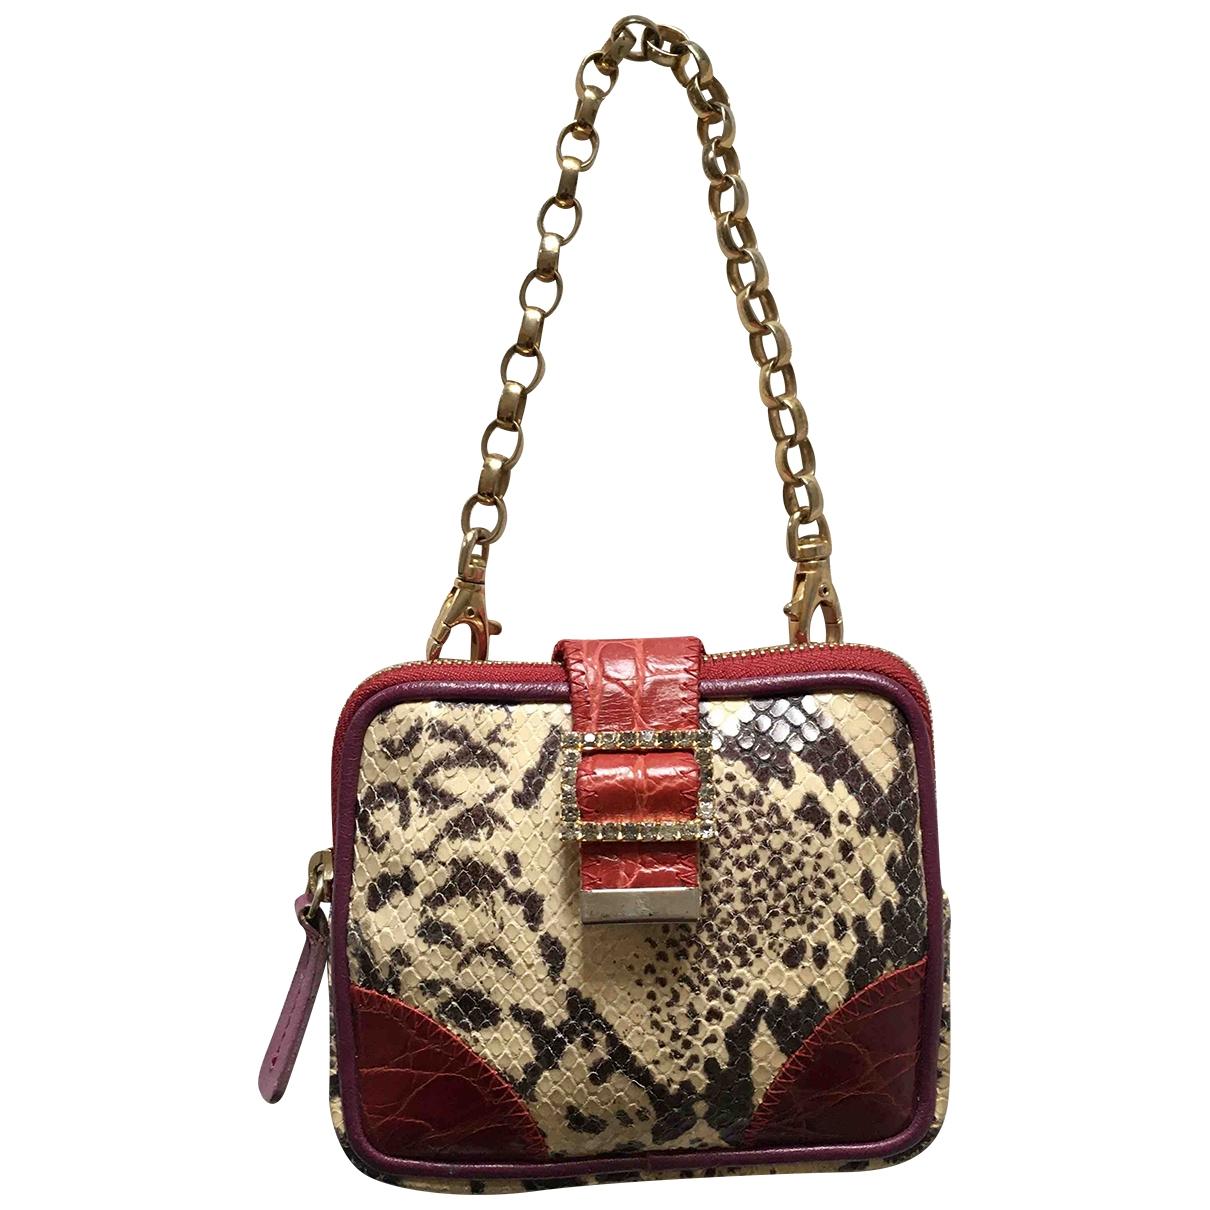 Pinko \N Handtasche in  Bordeauxrot Echse